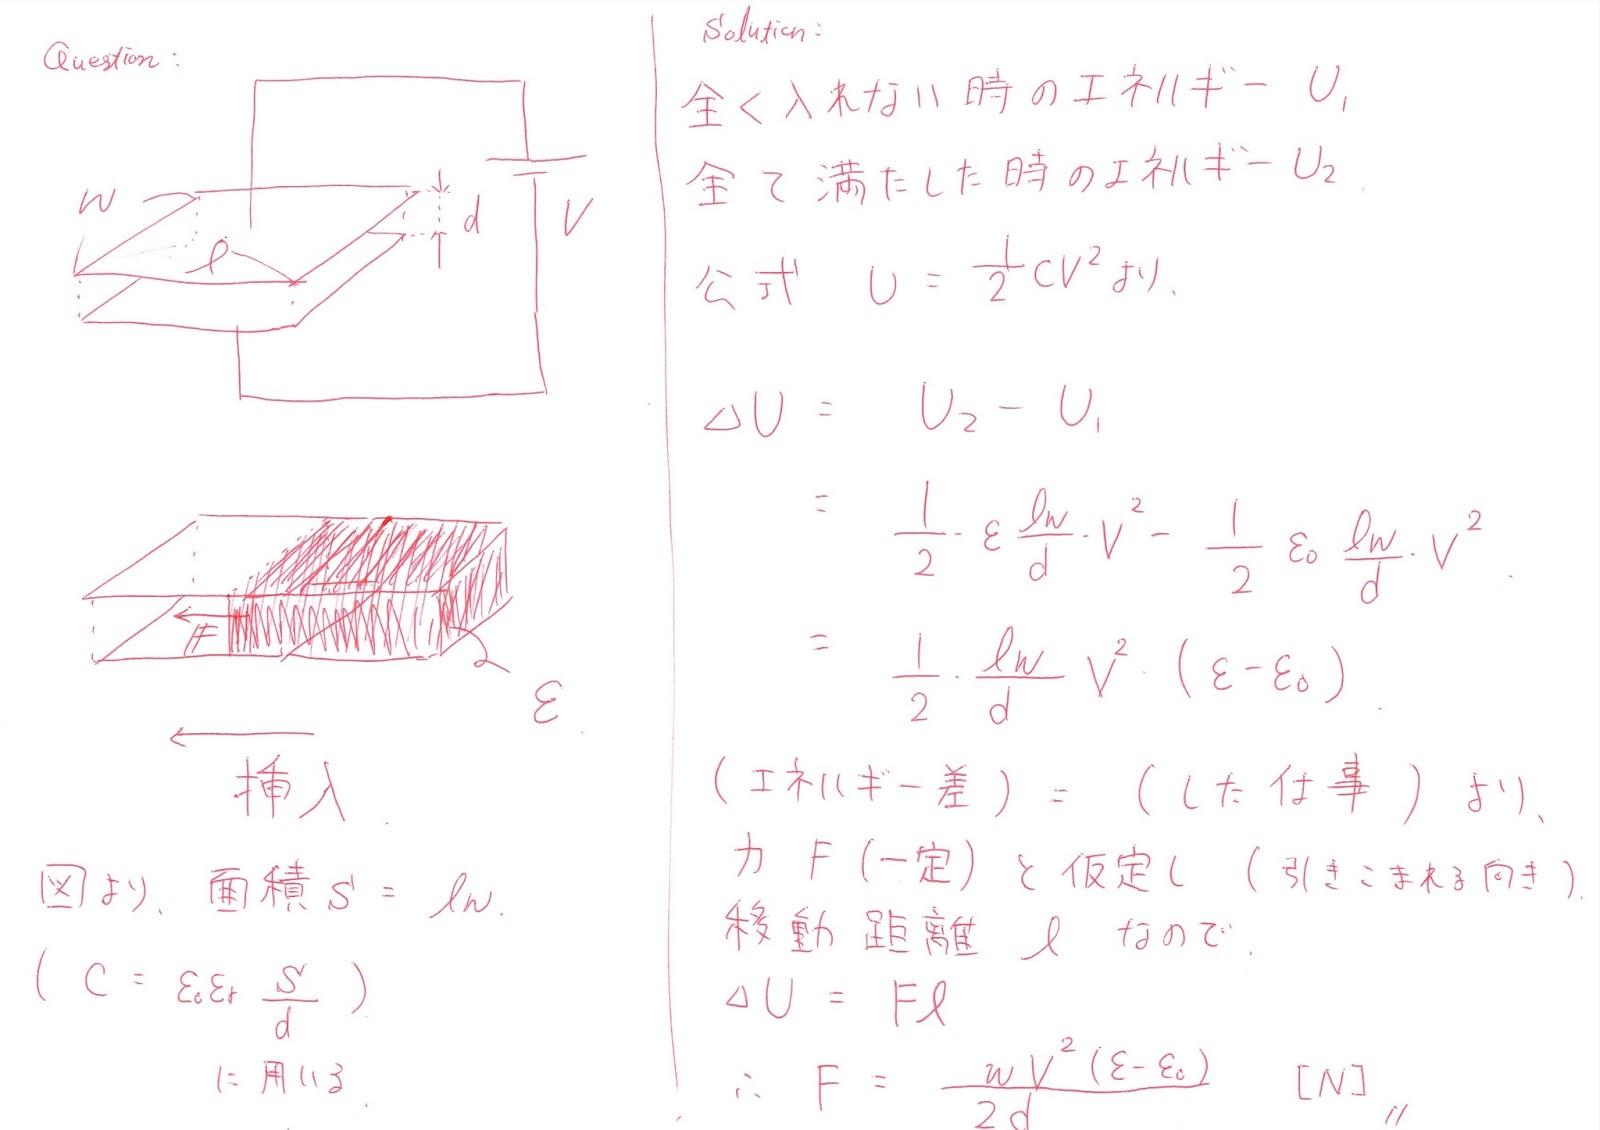 誘電 体 コンデンサー コンデンサーの電気容量を変化させる方法全4パターンまとめ